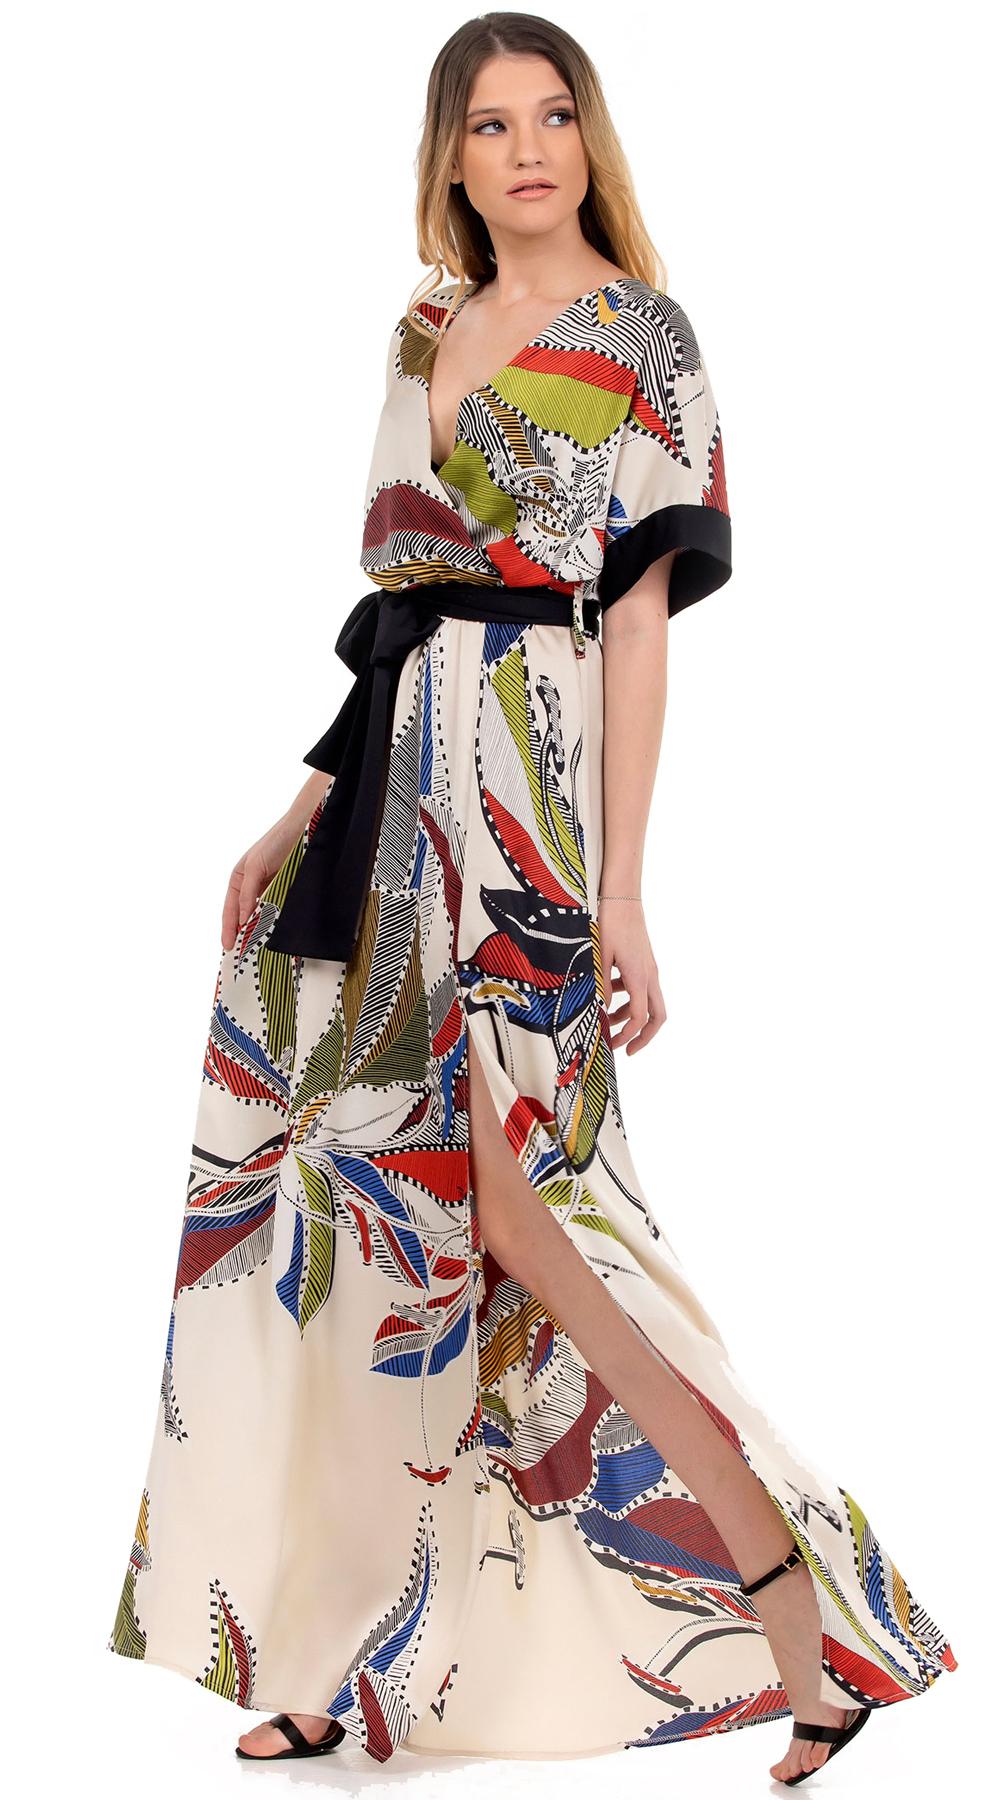 Μάξι κρουαζέ φόρεμα με πολύχρωμα έθνικ prints Online - ONLINE - SP18ON-59001 glam occassions wedding shop